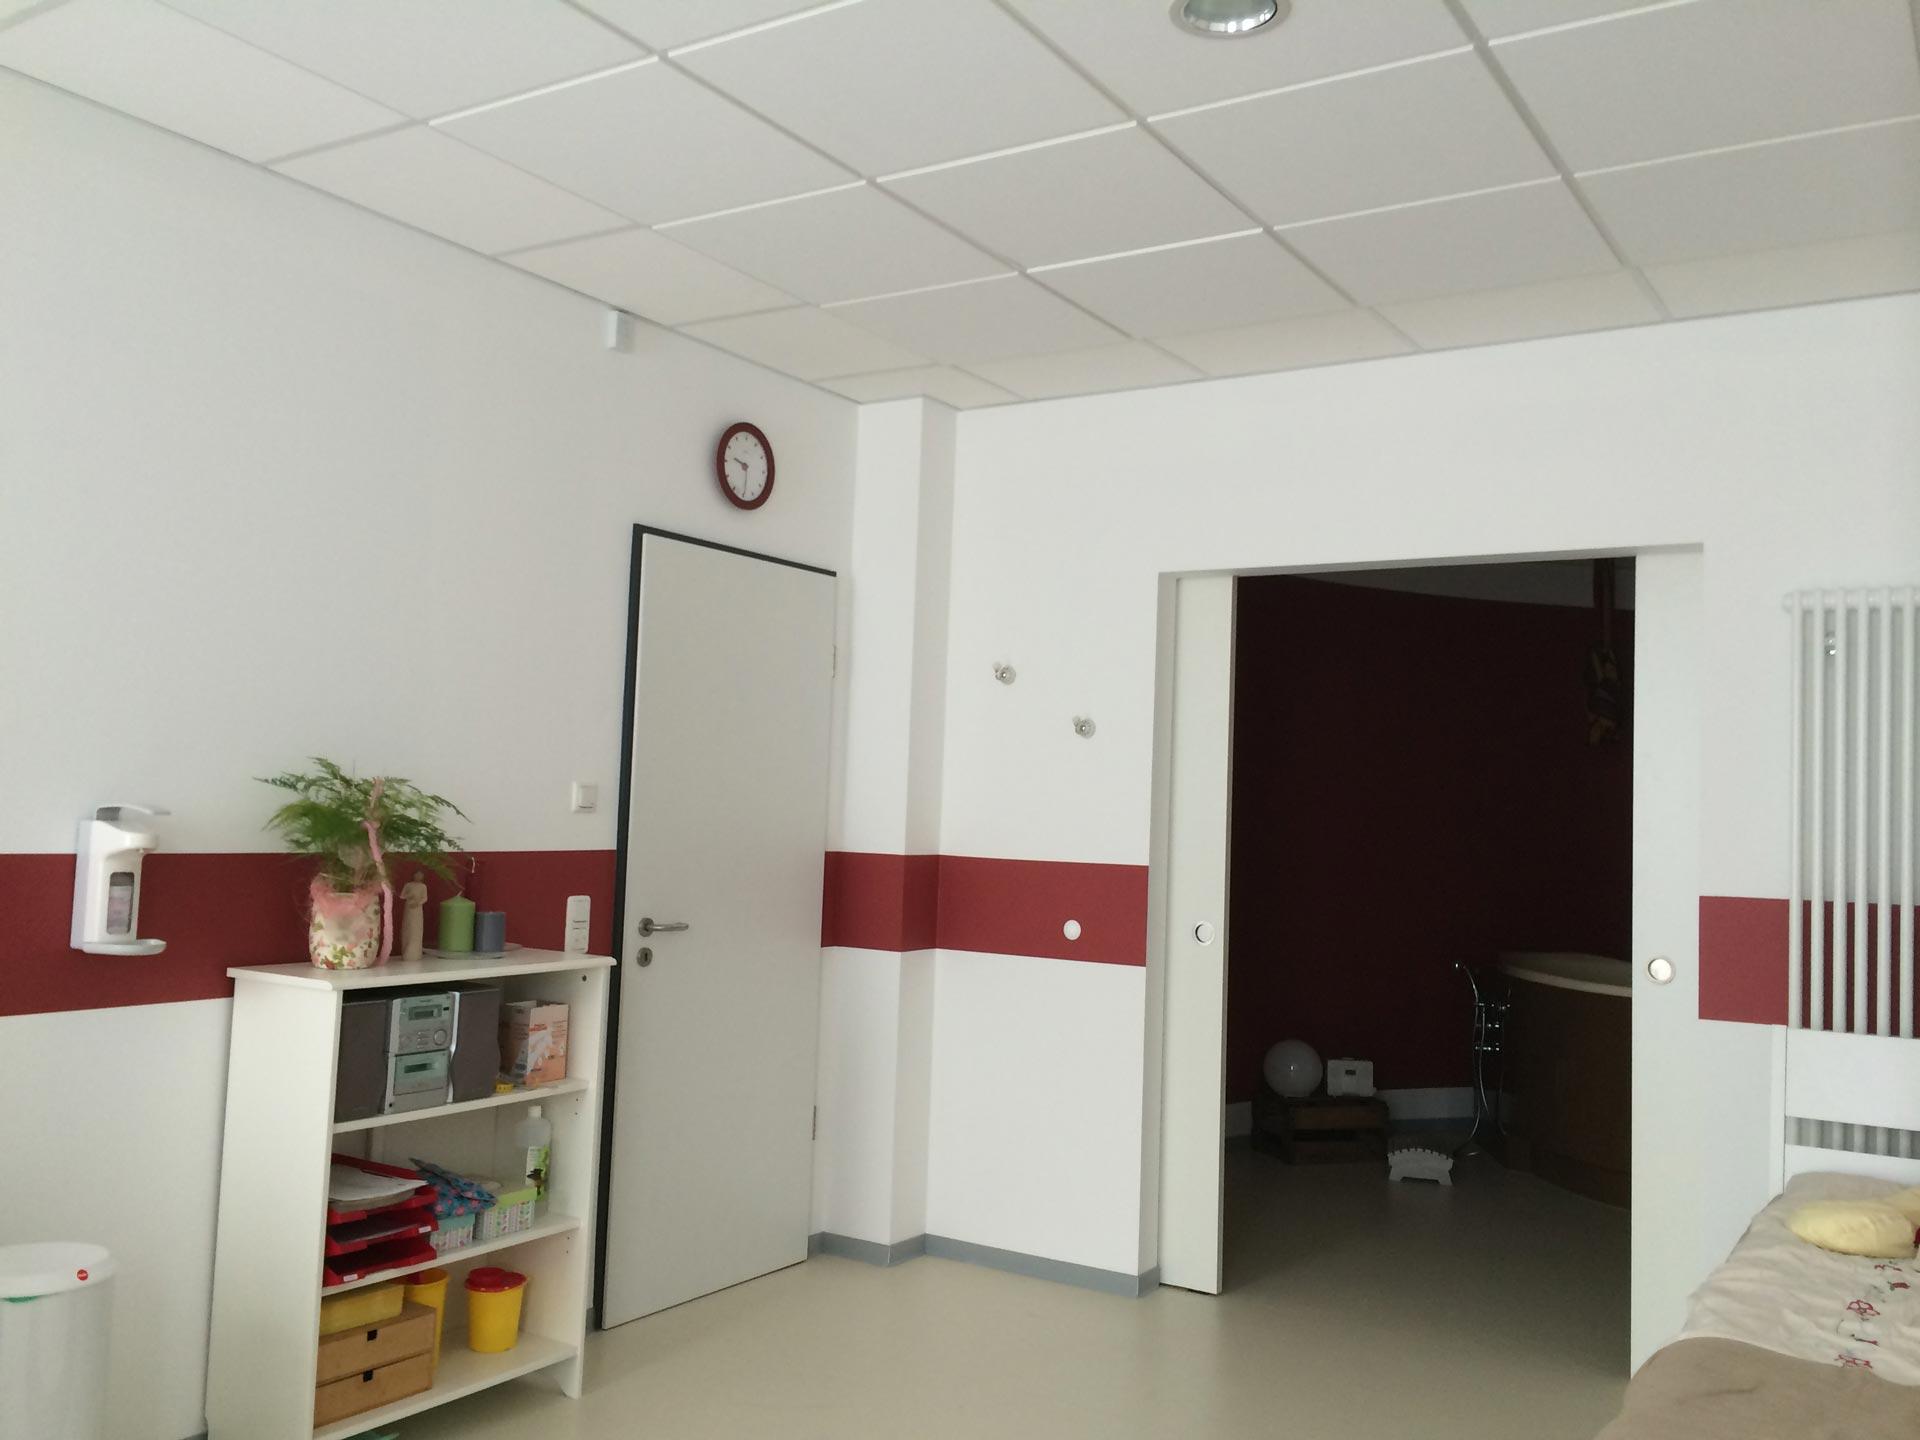 Tischlerei-Baeumer-Altenberge_Gesundheitszentrum-Koeln-Widdersdorf_05